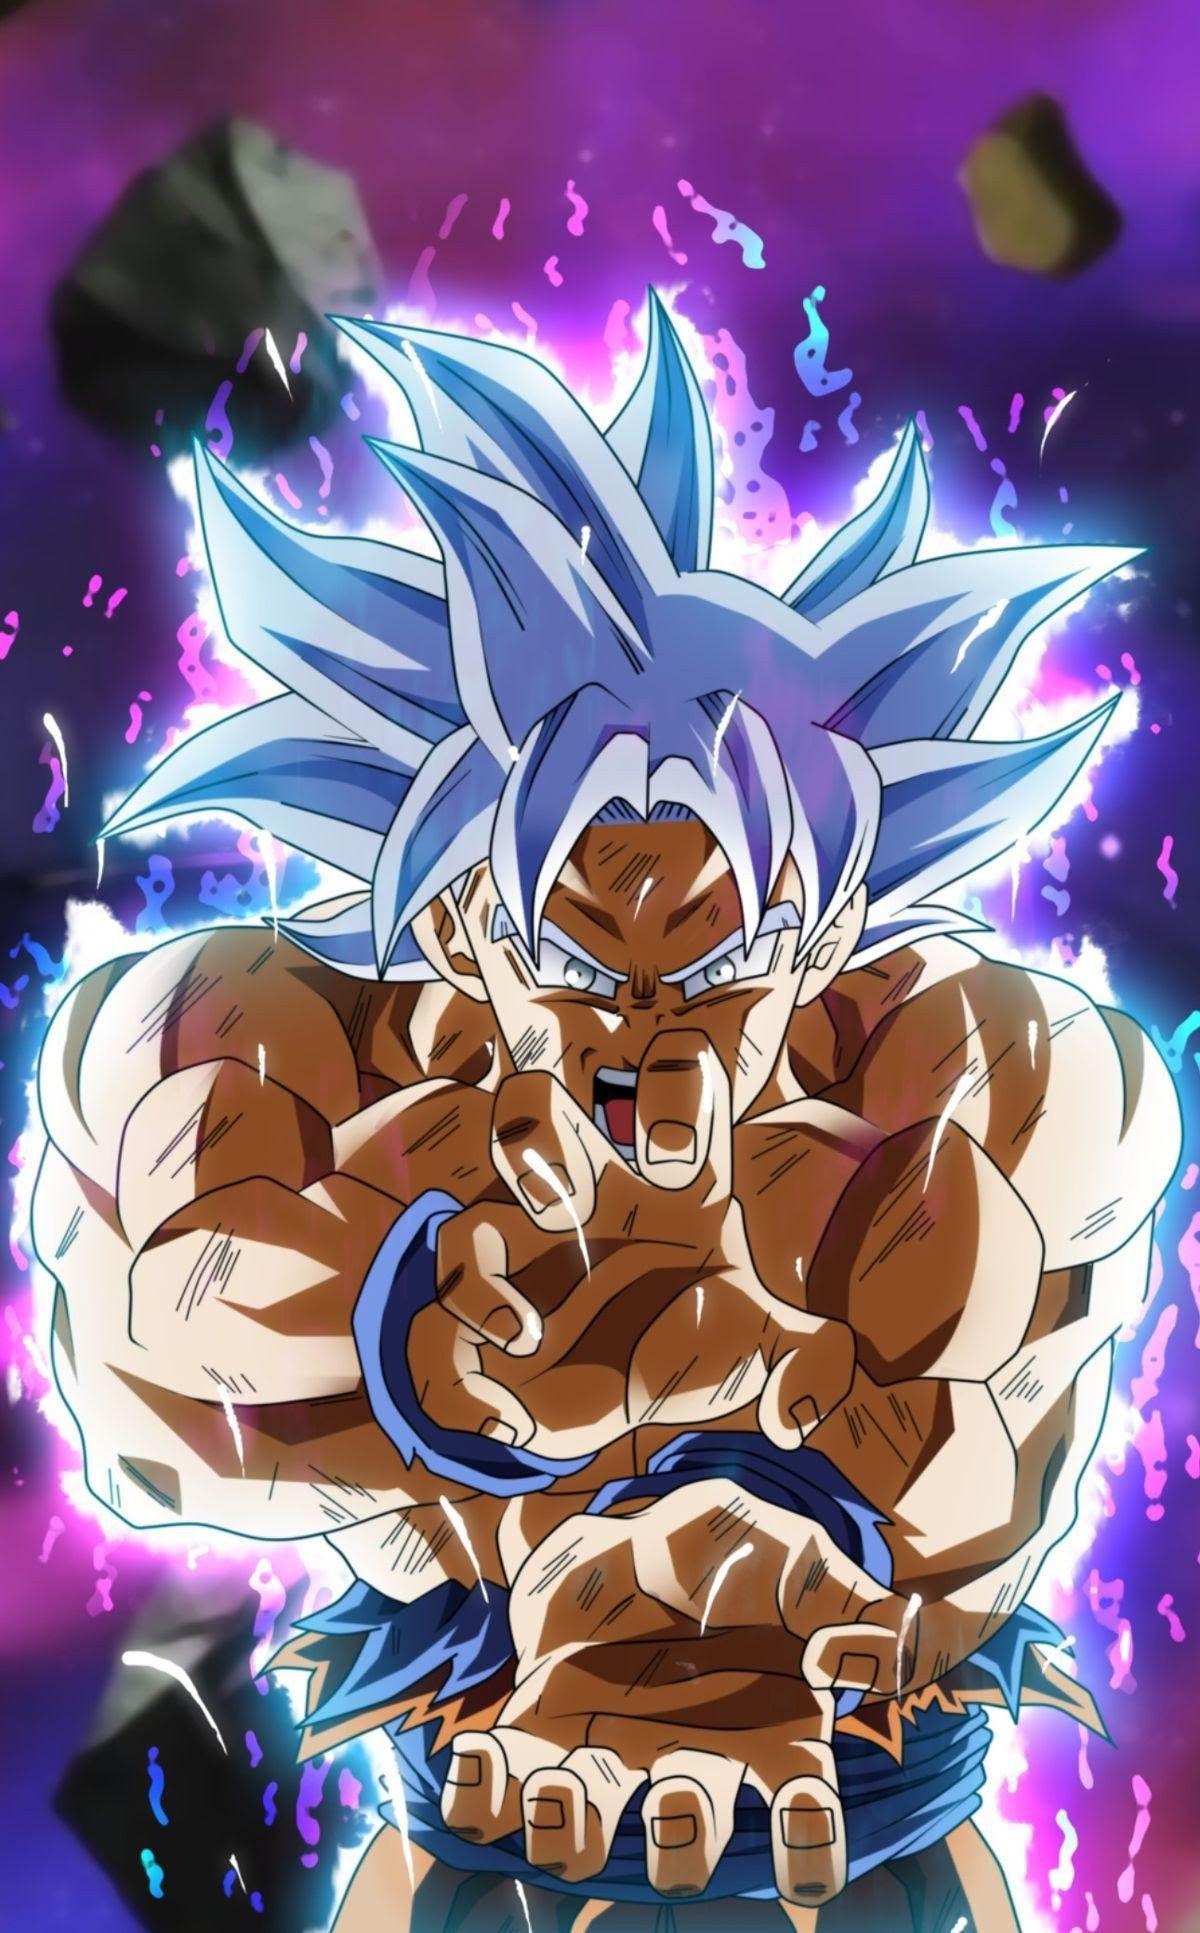 Pin By Ein Mellendes On Anime Esferas Do Dragao Imagens De Dragon Ball Goku